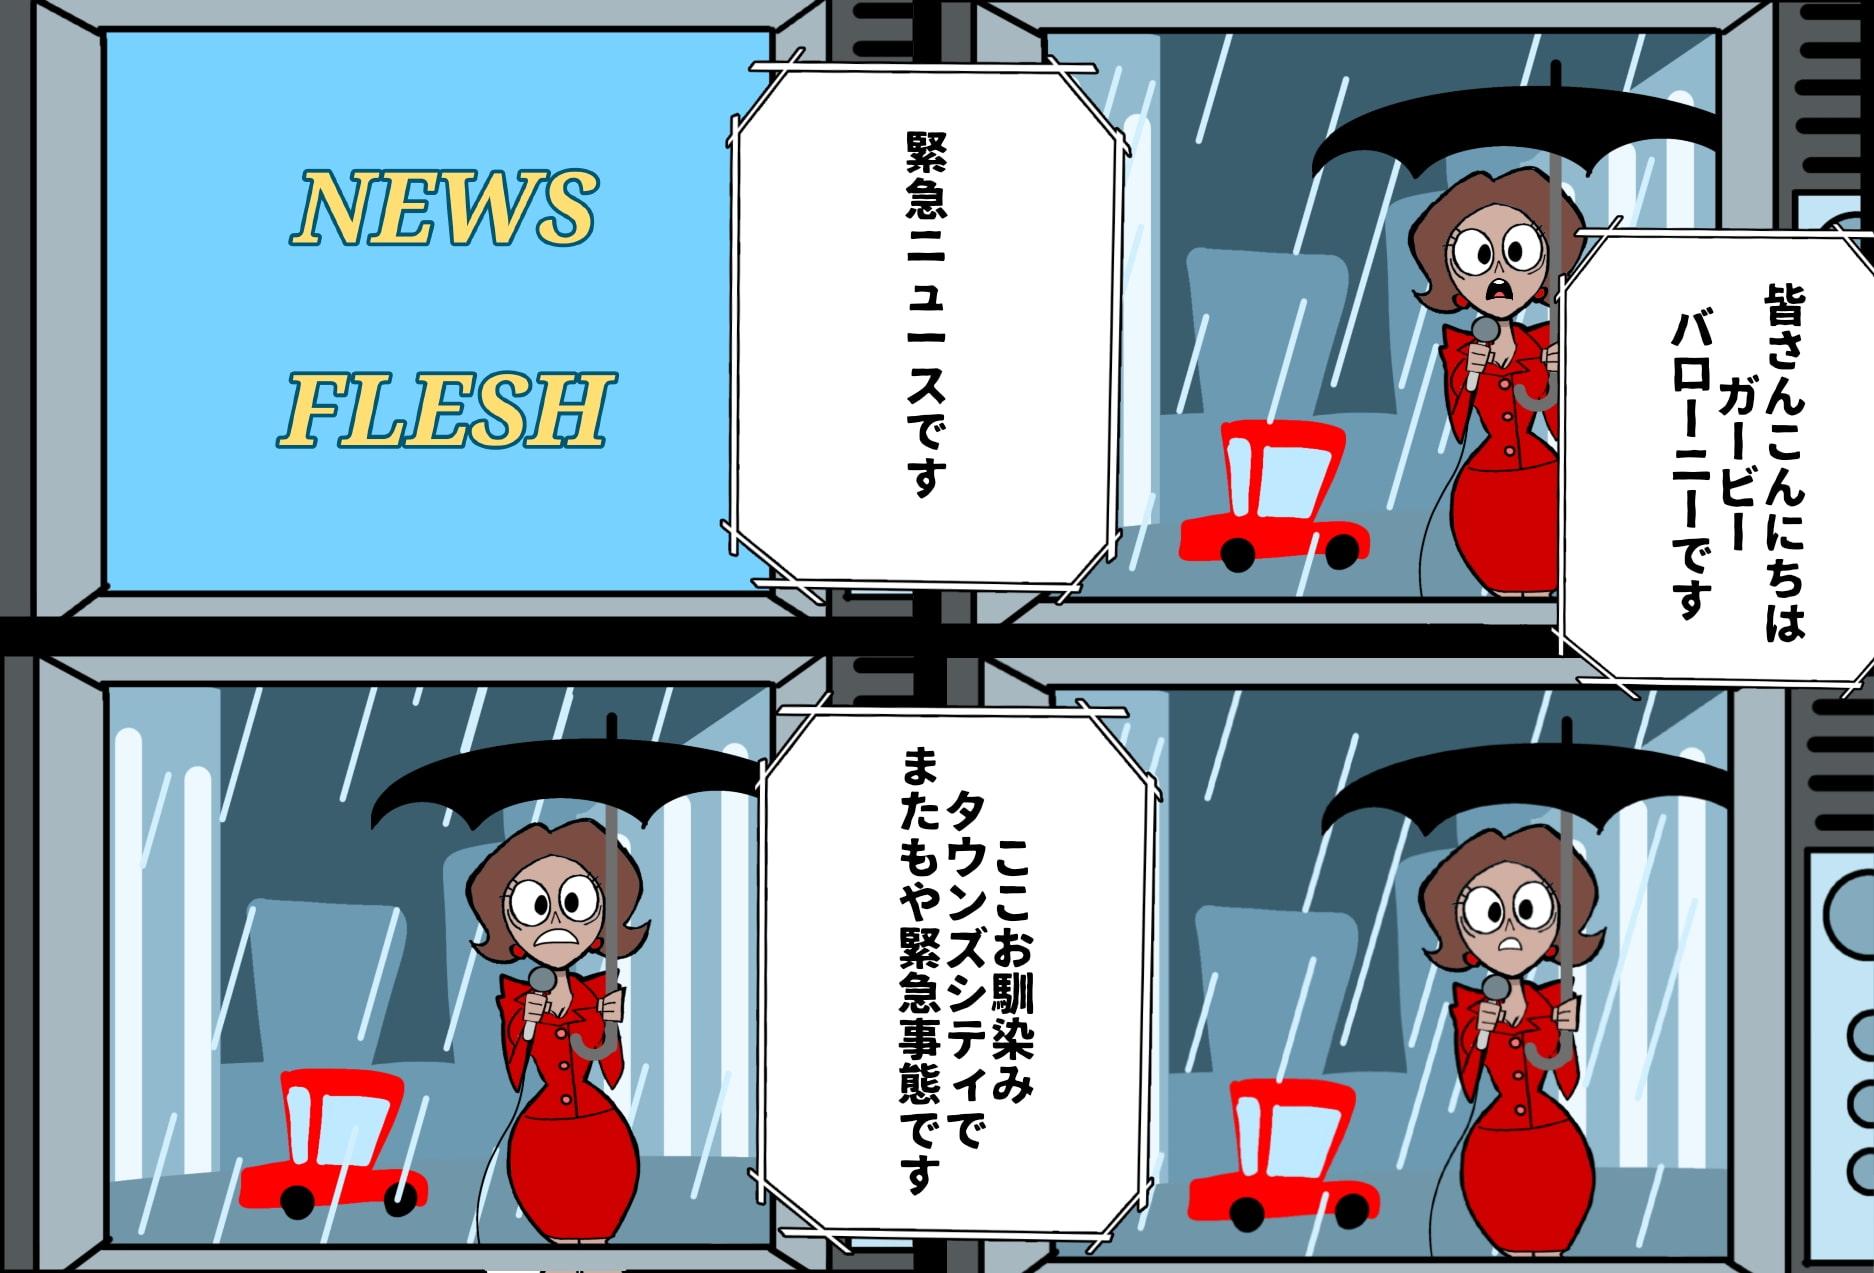 カートゥンアニメモブキャラちょいエロ特集ニュースへん